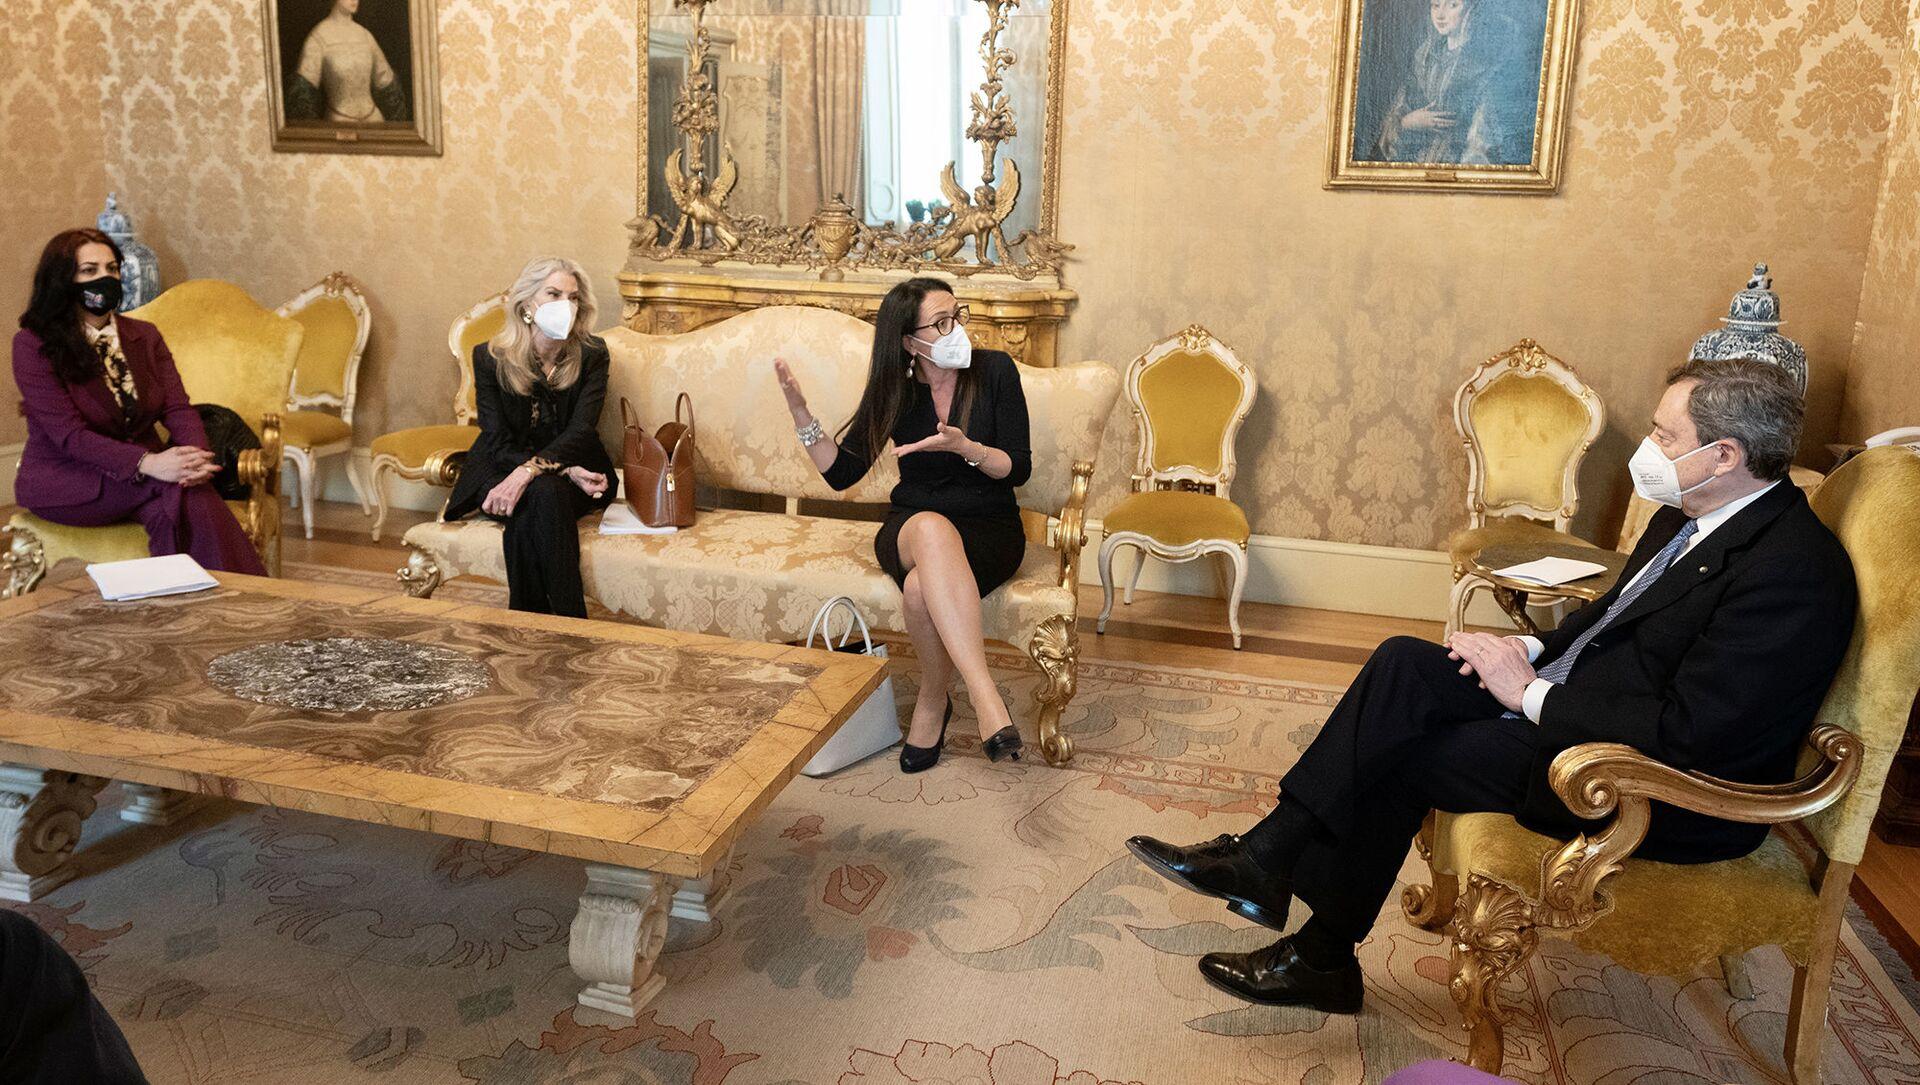 08/03/2021 - Il Presidente del Consiglio, Mario Draghi, ha incontrato una delegazione della Commissione parlamentare di inchiesta sul femminicidio e la violenza di genere, presieduta dalla senatrice Valeria Valente.  - Sputnik Italia, 1920, 18.05.2021